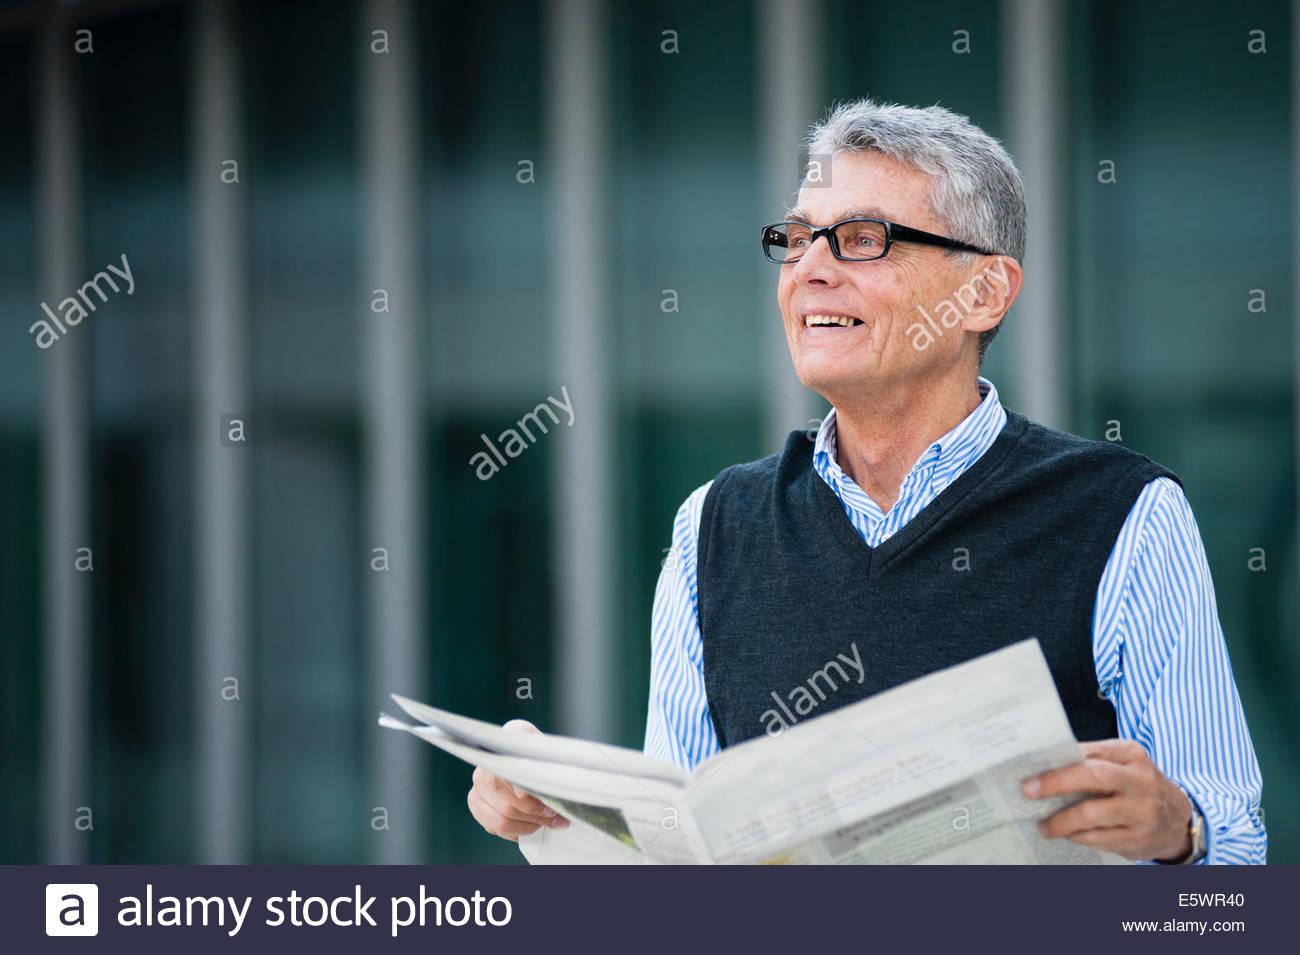 Adulto mayor empresario haciendo notas sobre el plan Imagen De Stock